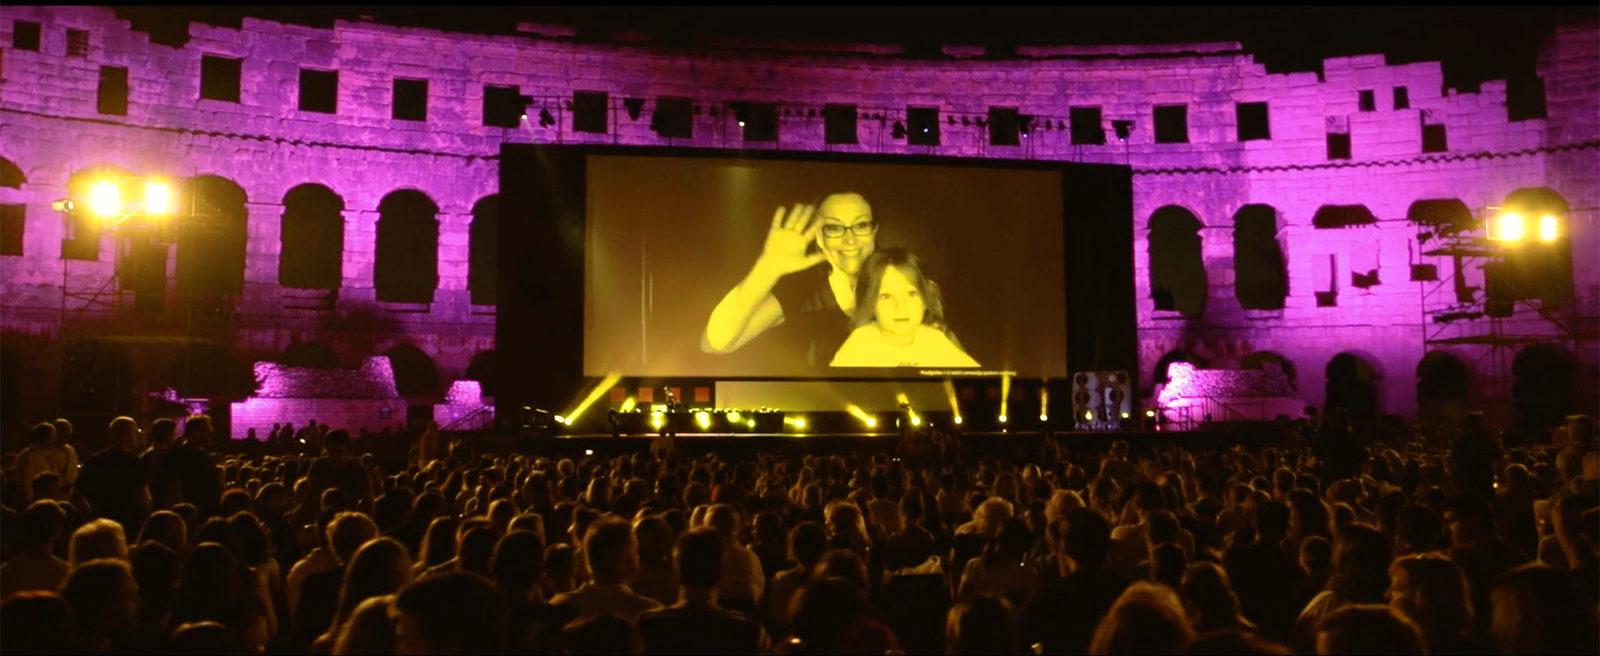 Pula Film Festival campaign '17